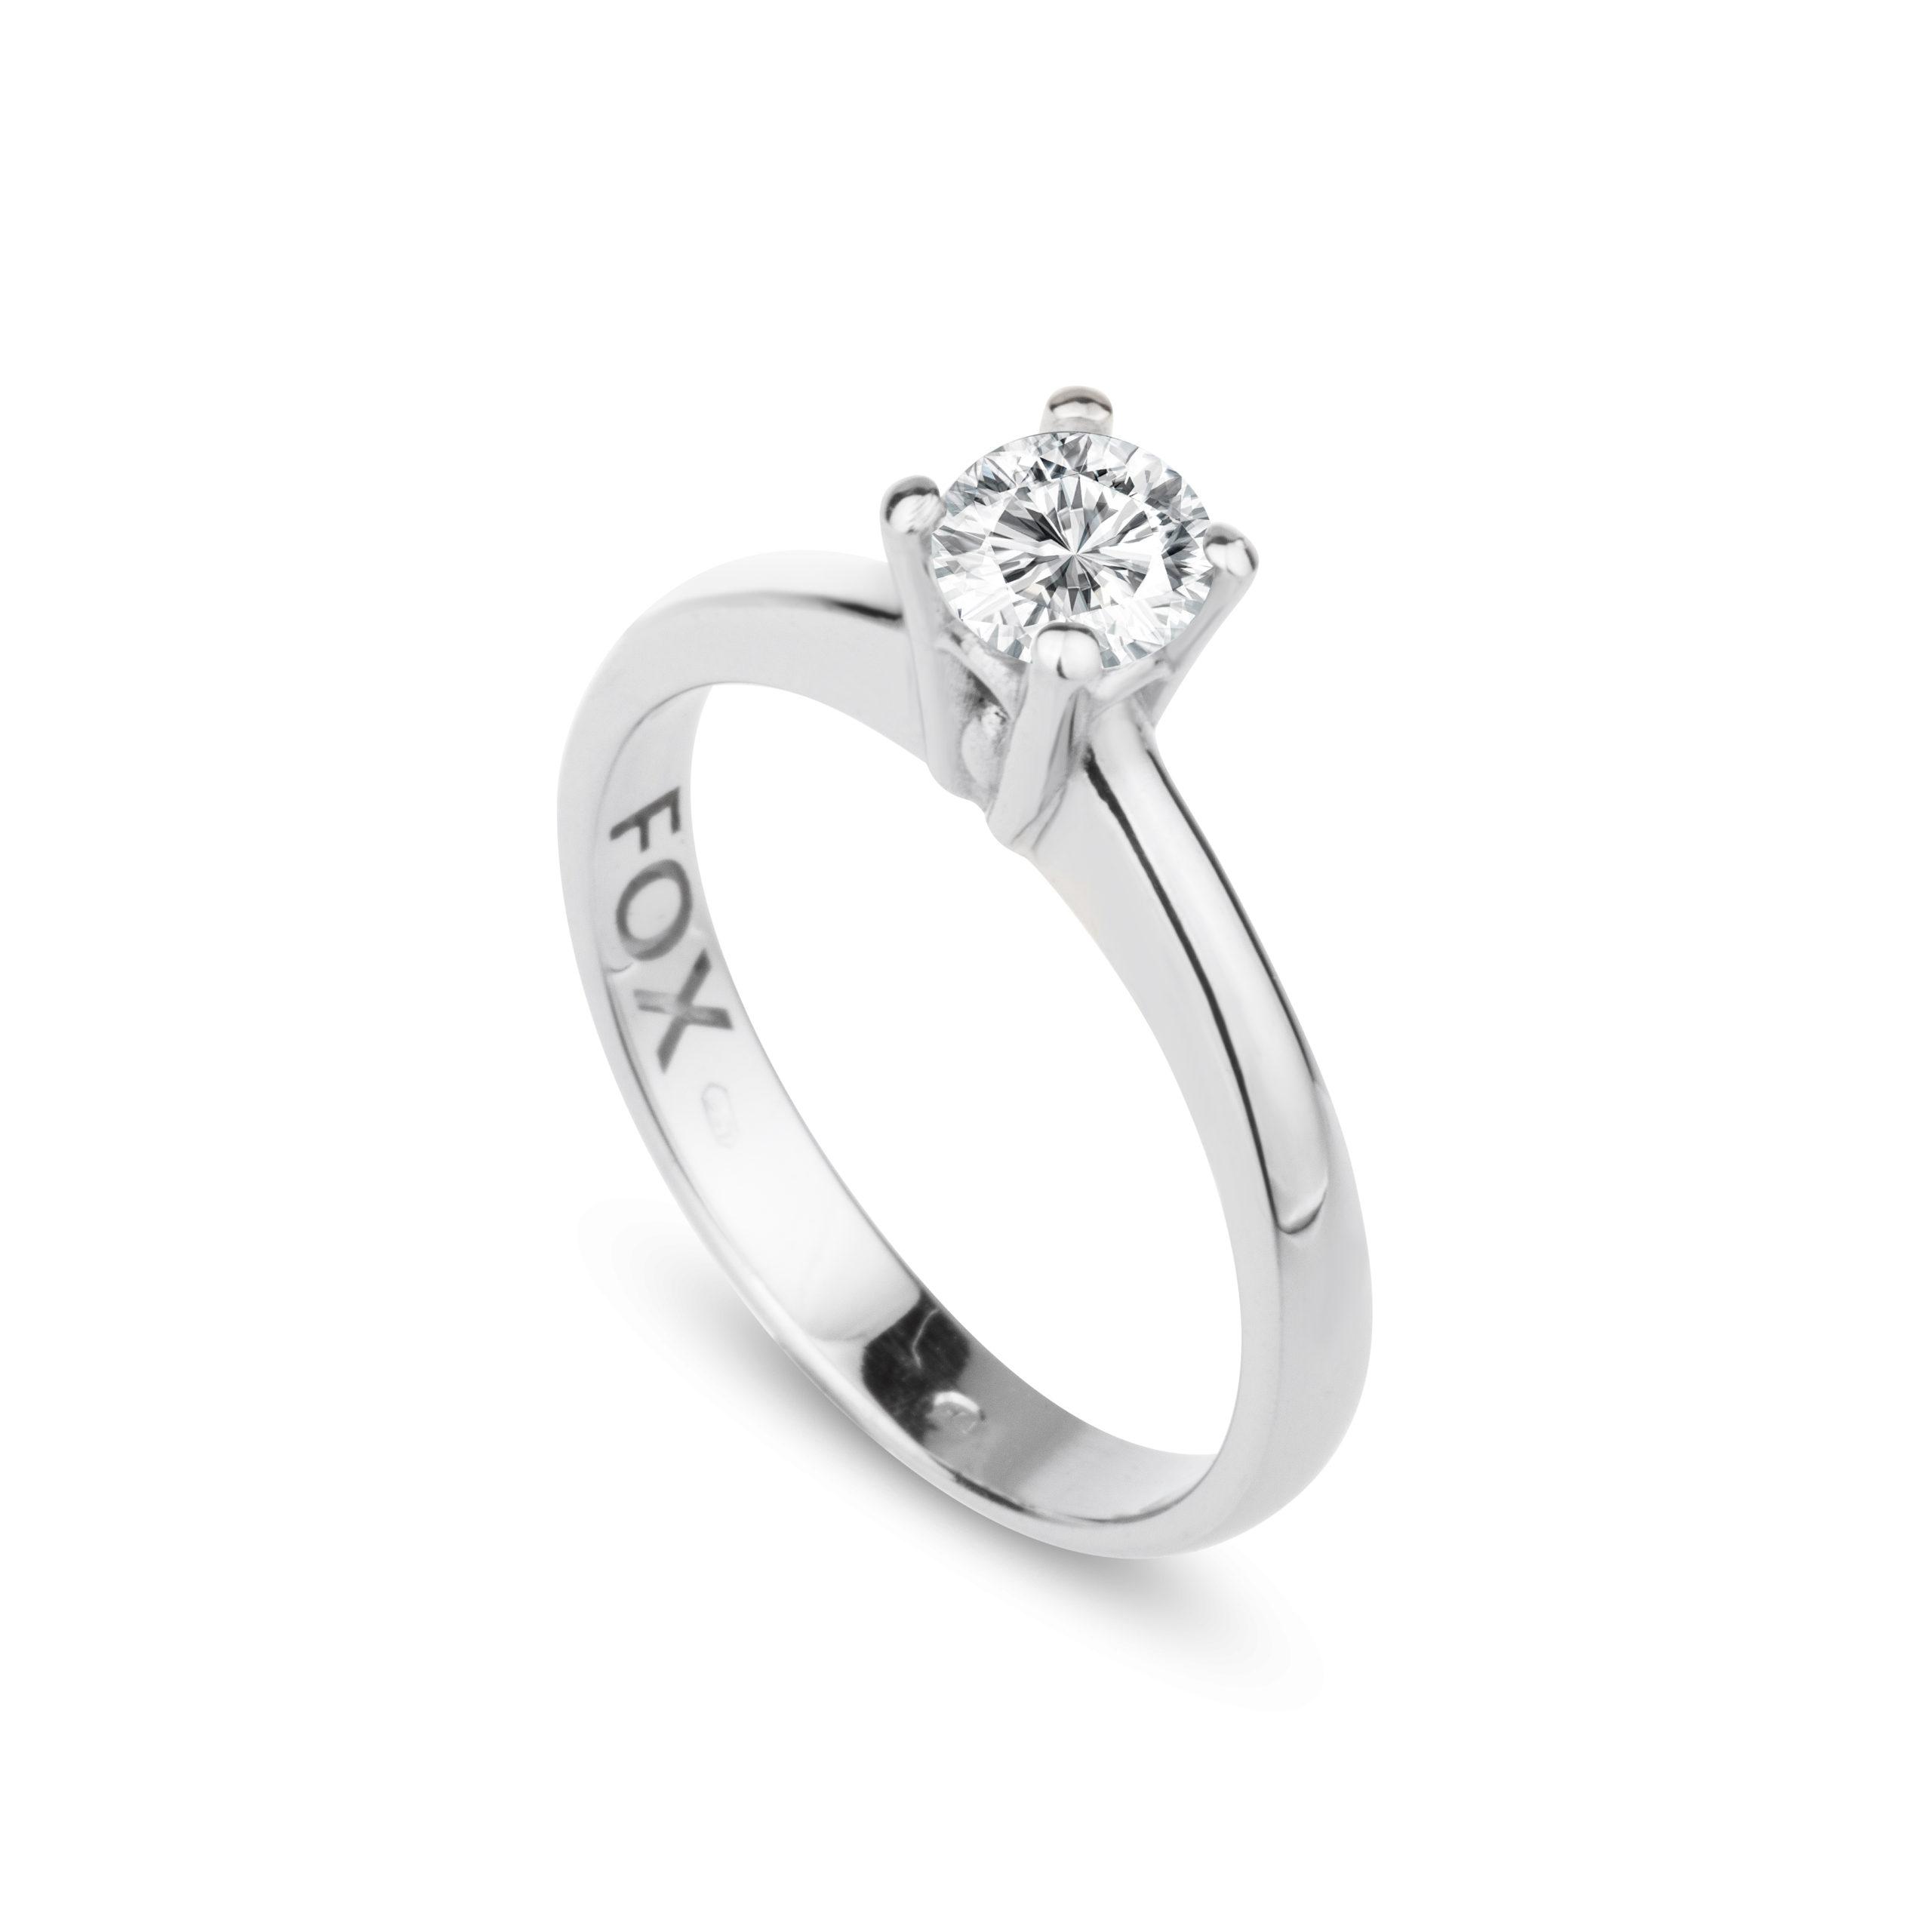 Zásnubní prsten z bílého zlata a diamantem FOX 17